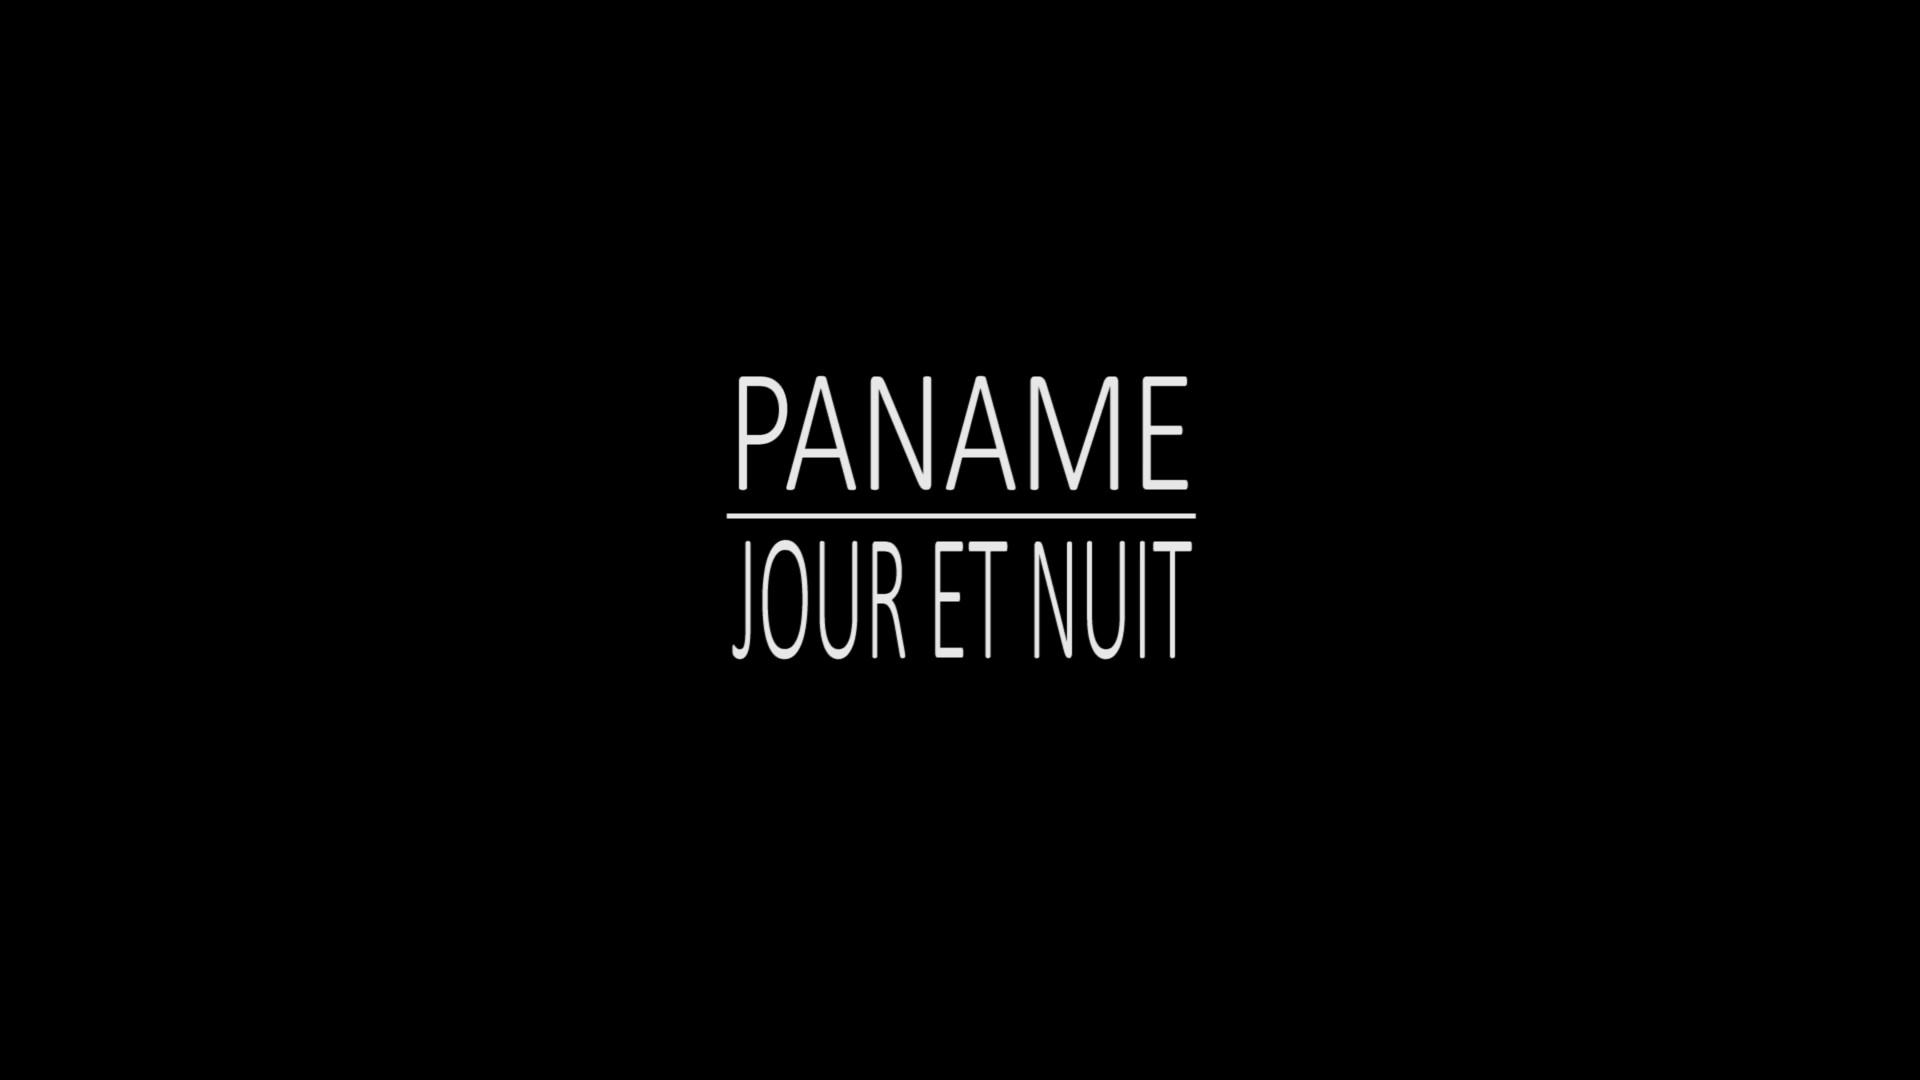 PANAME / JOUR ET NUIT (2020)